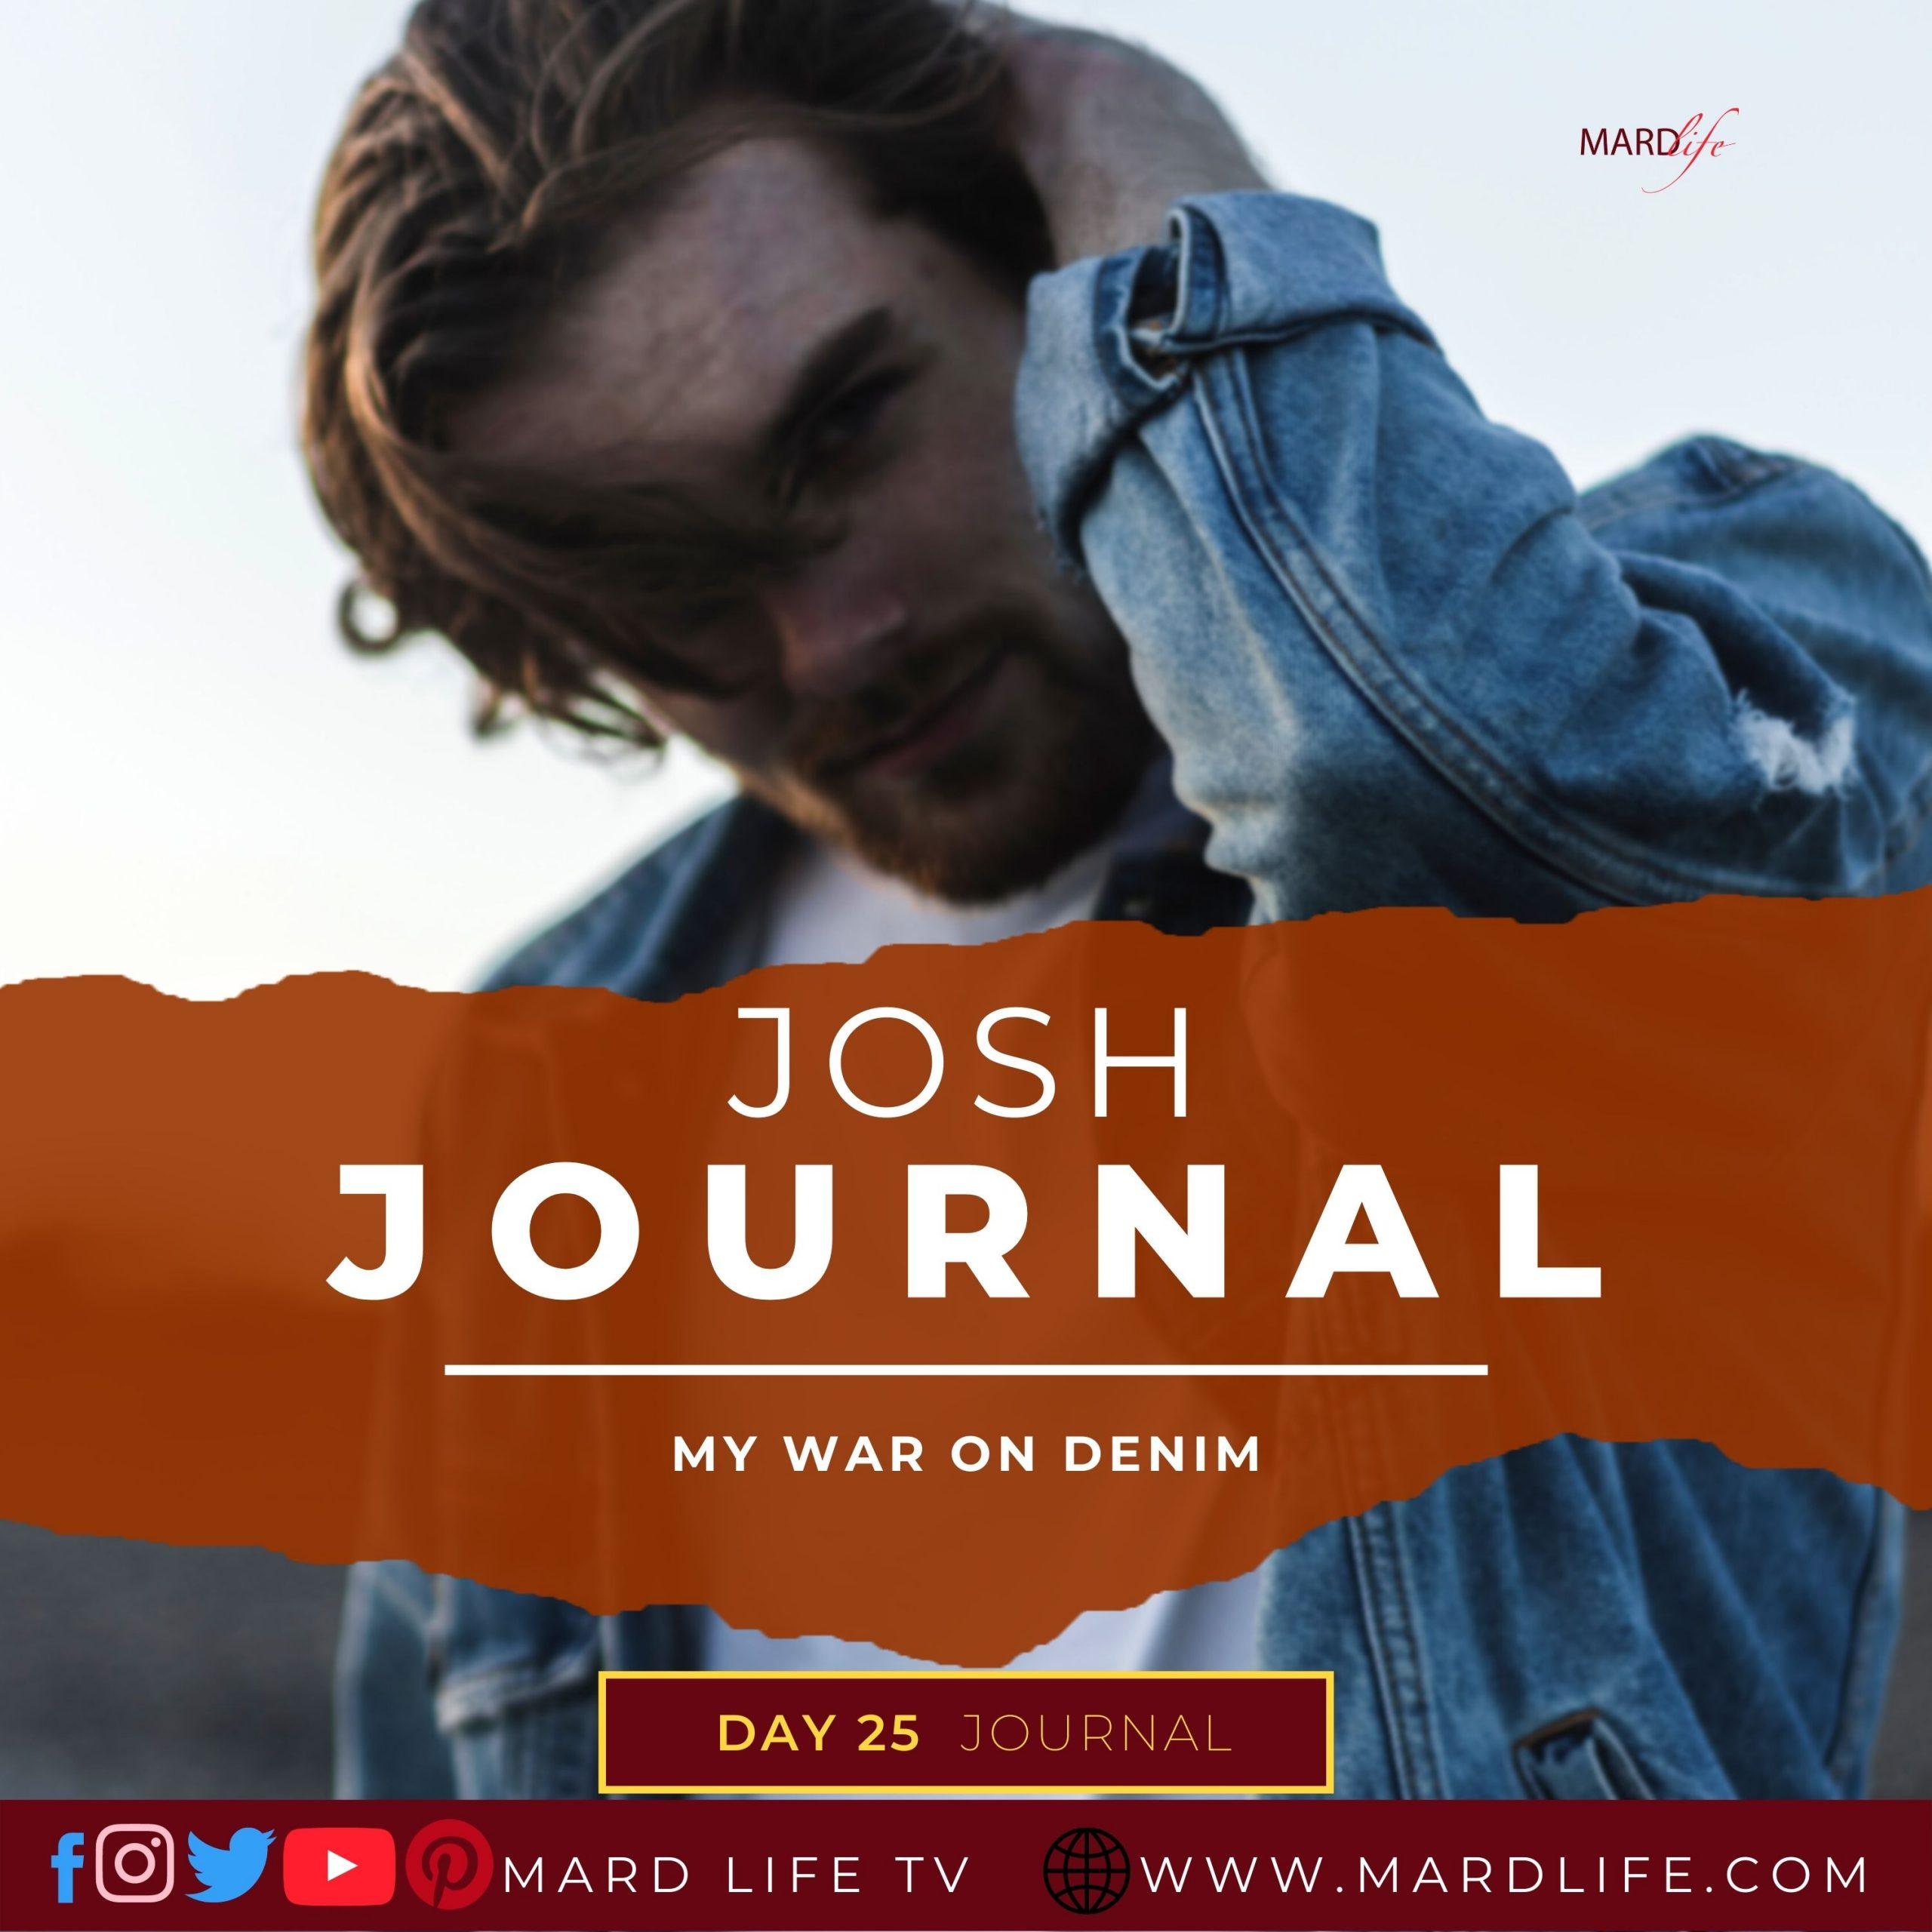 My War On Denim – Josh Journal